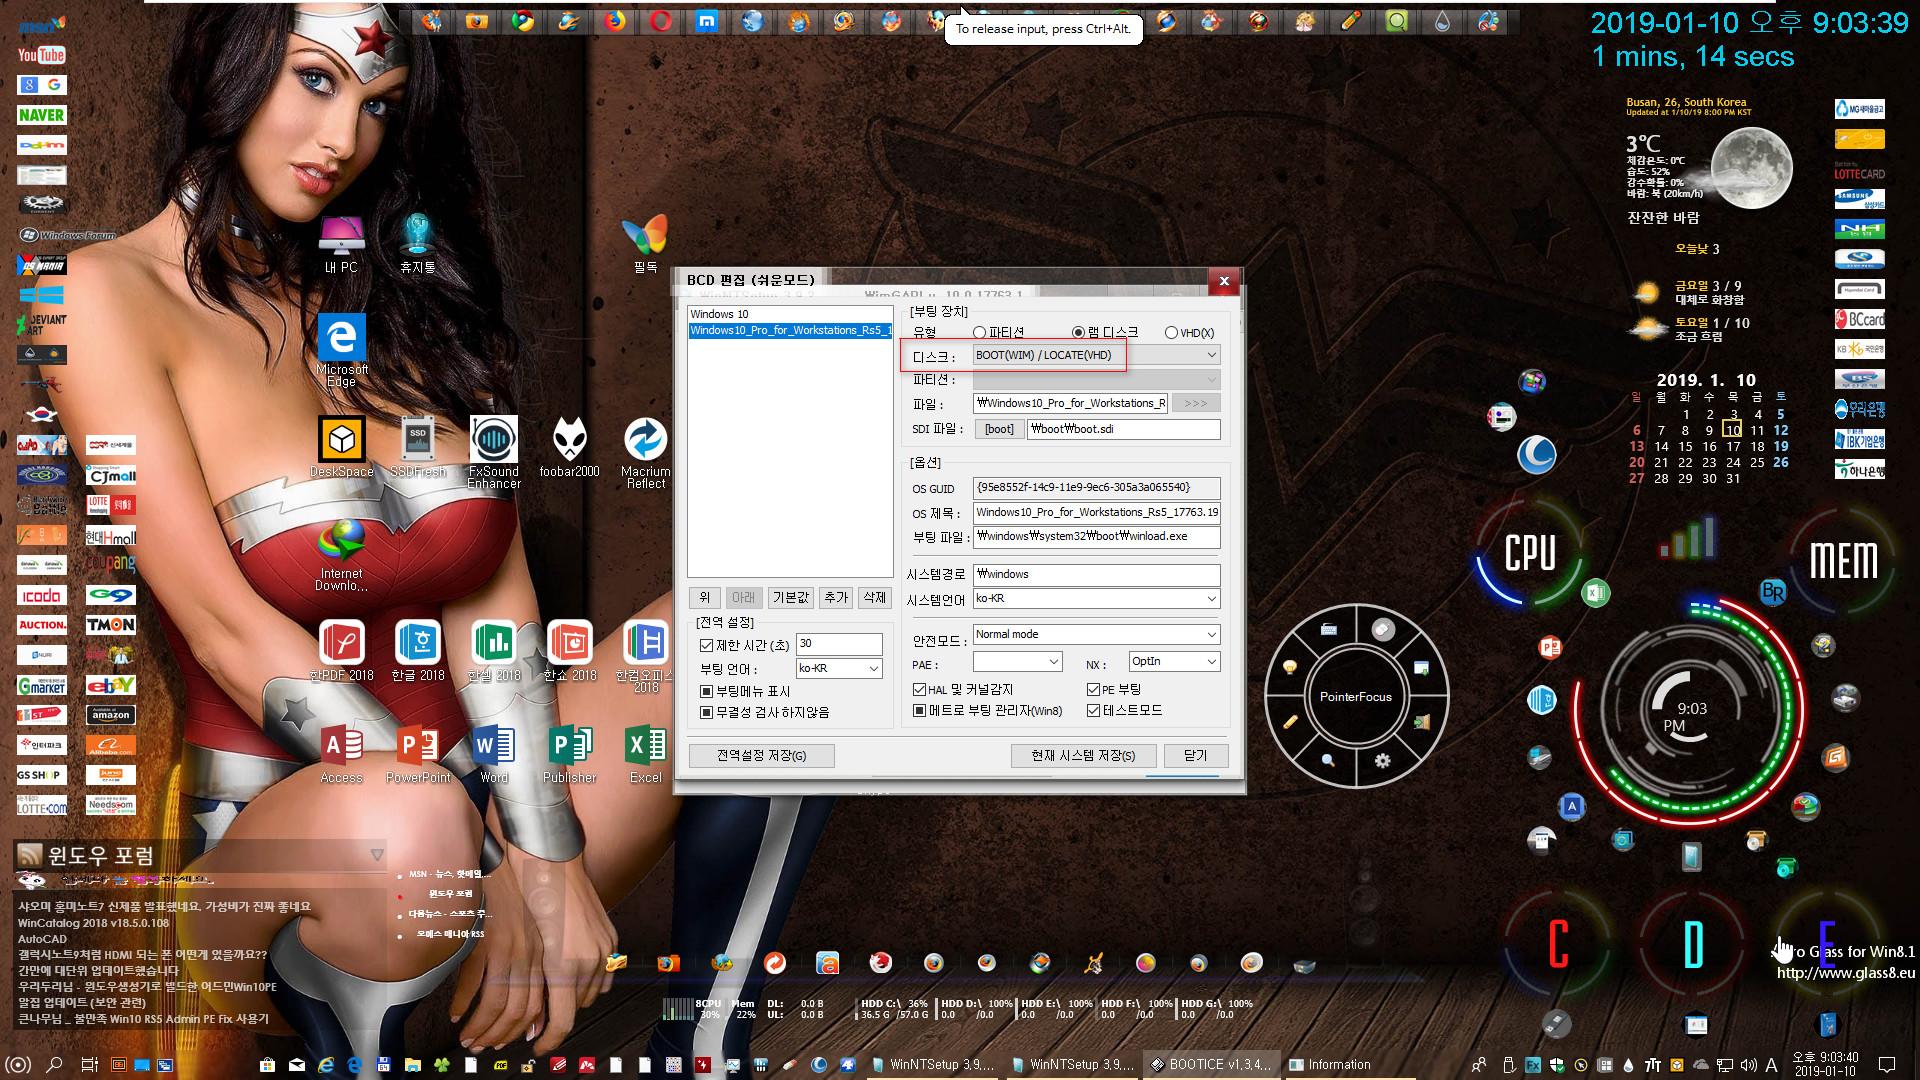 태풍OO님 Win10_Rs5_pArAoTPg35_윈도와PE의프로그램들공유-vhd만들어서vmware에연결 2019-01-10_210340.jpg